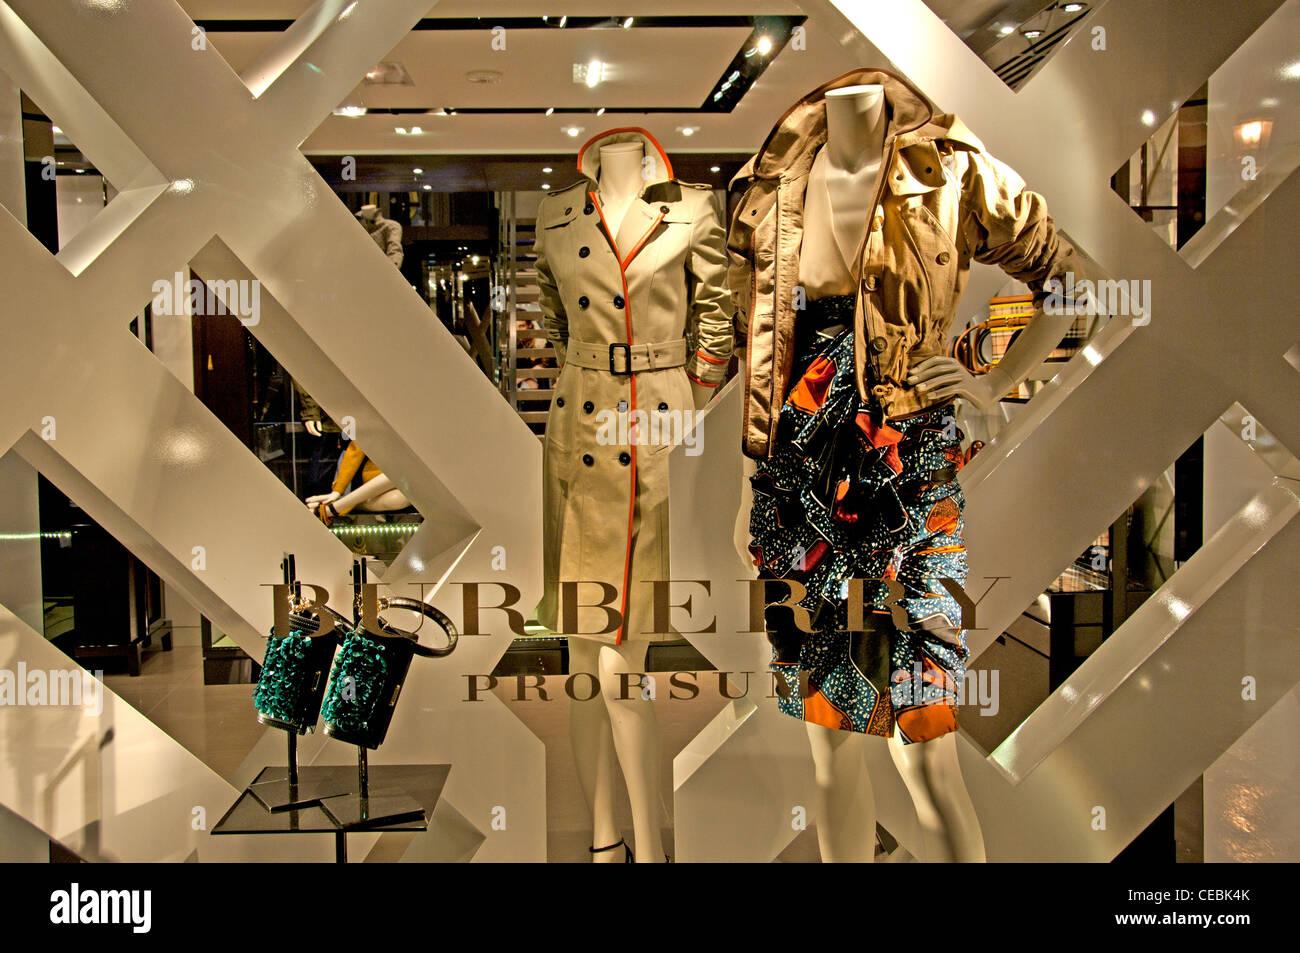 596b7c2d118f Burberry Store Paris France fashion designer couturier Rue Faubourg Saint  Honoré - Stock Image